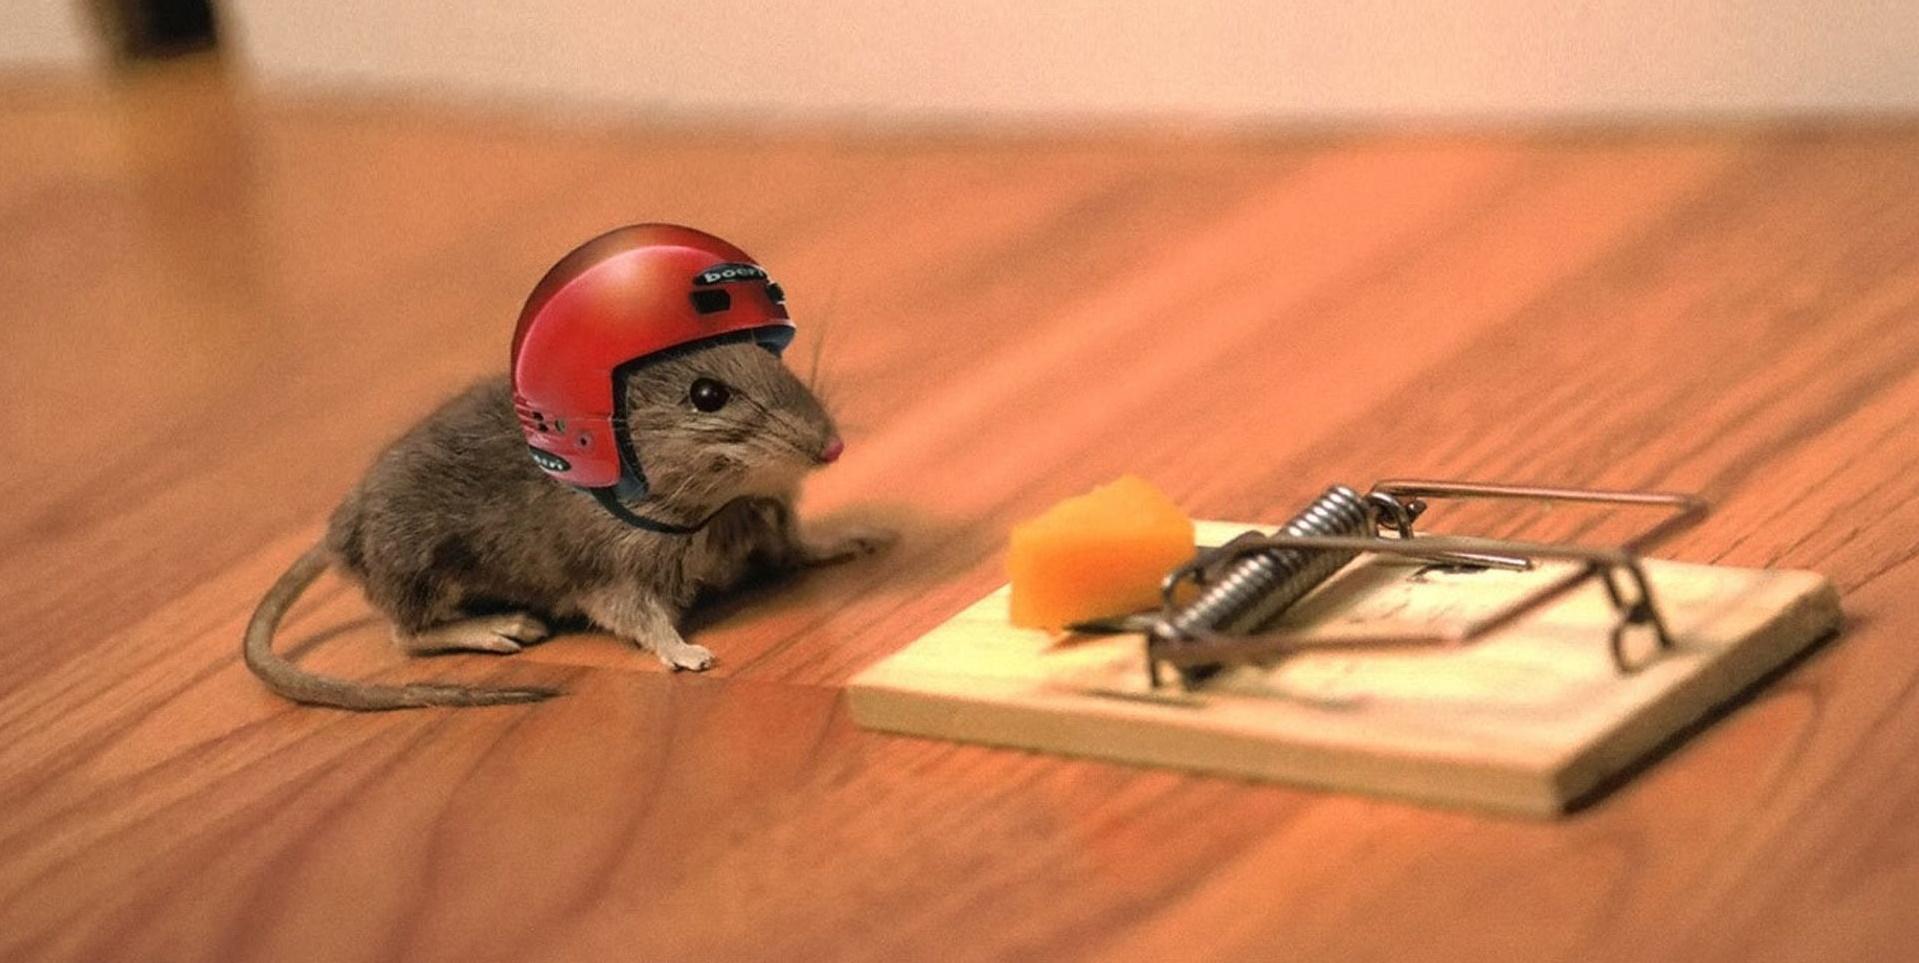 als poes van huis is dansen de muizen op tafel, Gartenarbeit ideen